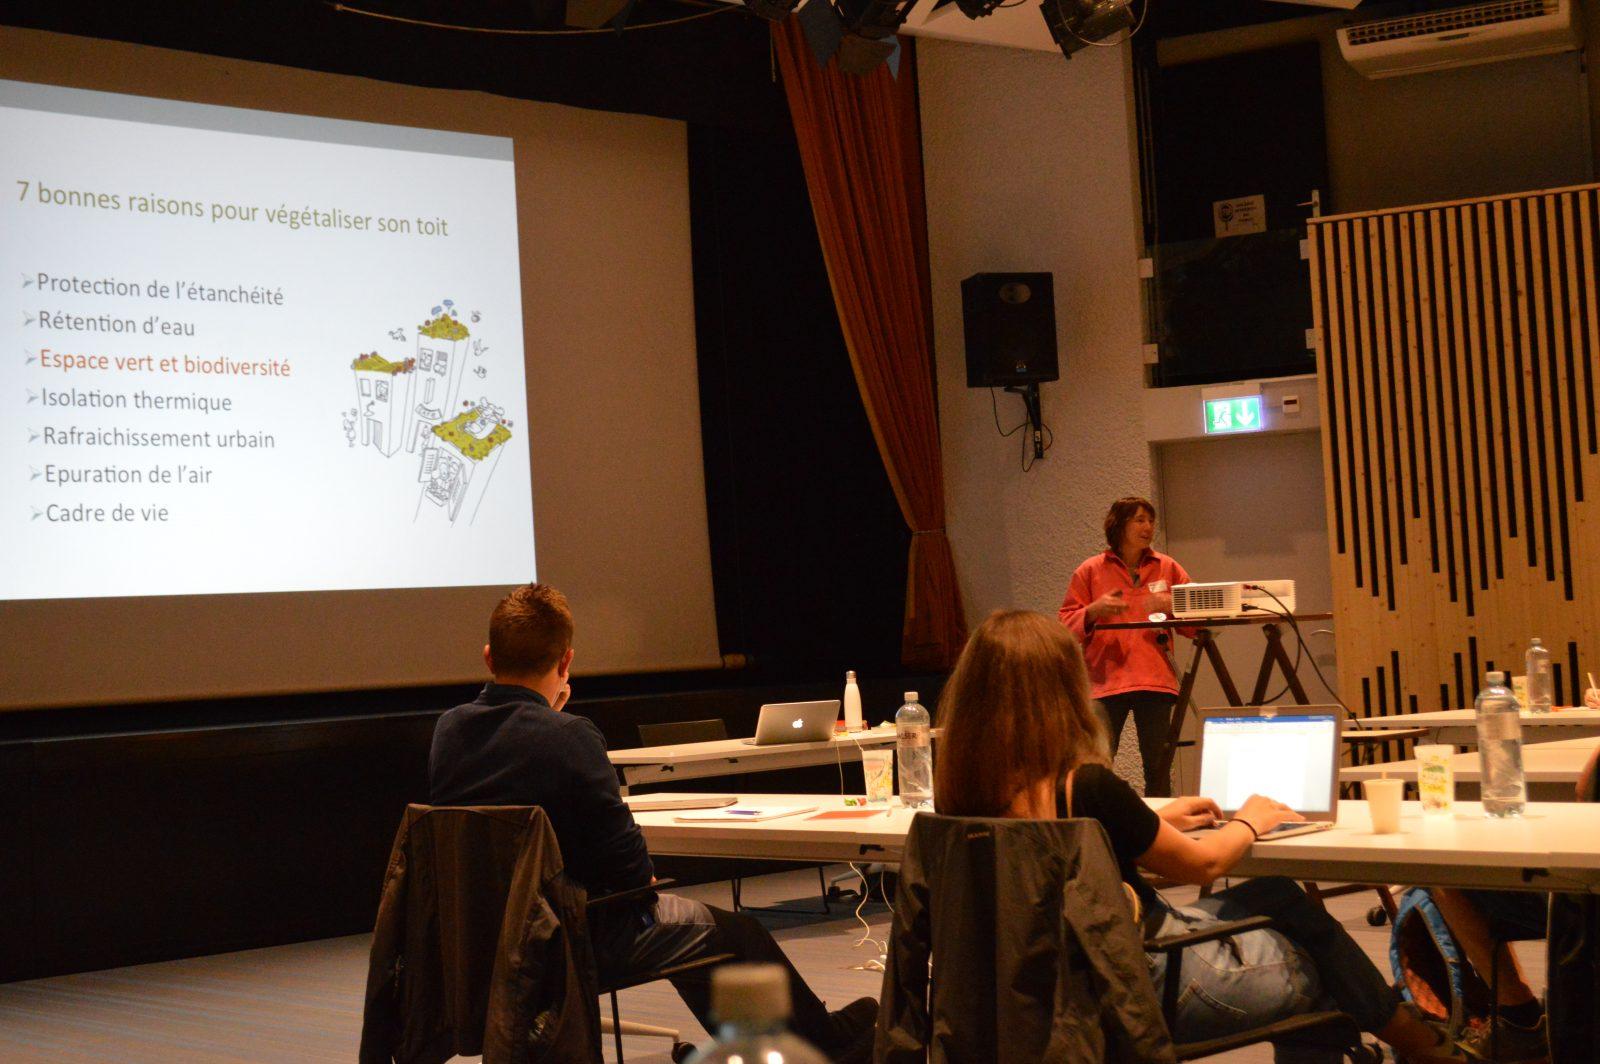 Dans la partie théorique du matin, Aino Adriaens, biologiste et jardinier, nous a expliqué comment la biodiversité sur les toits peut être favorisée par une planification et un entretien professionnel.